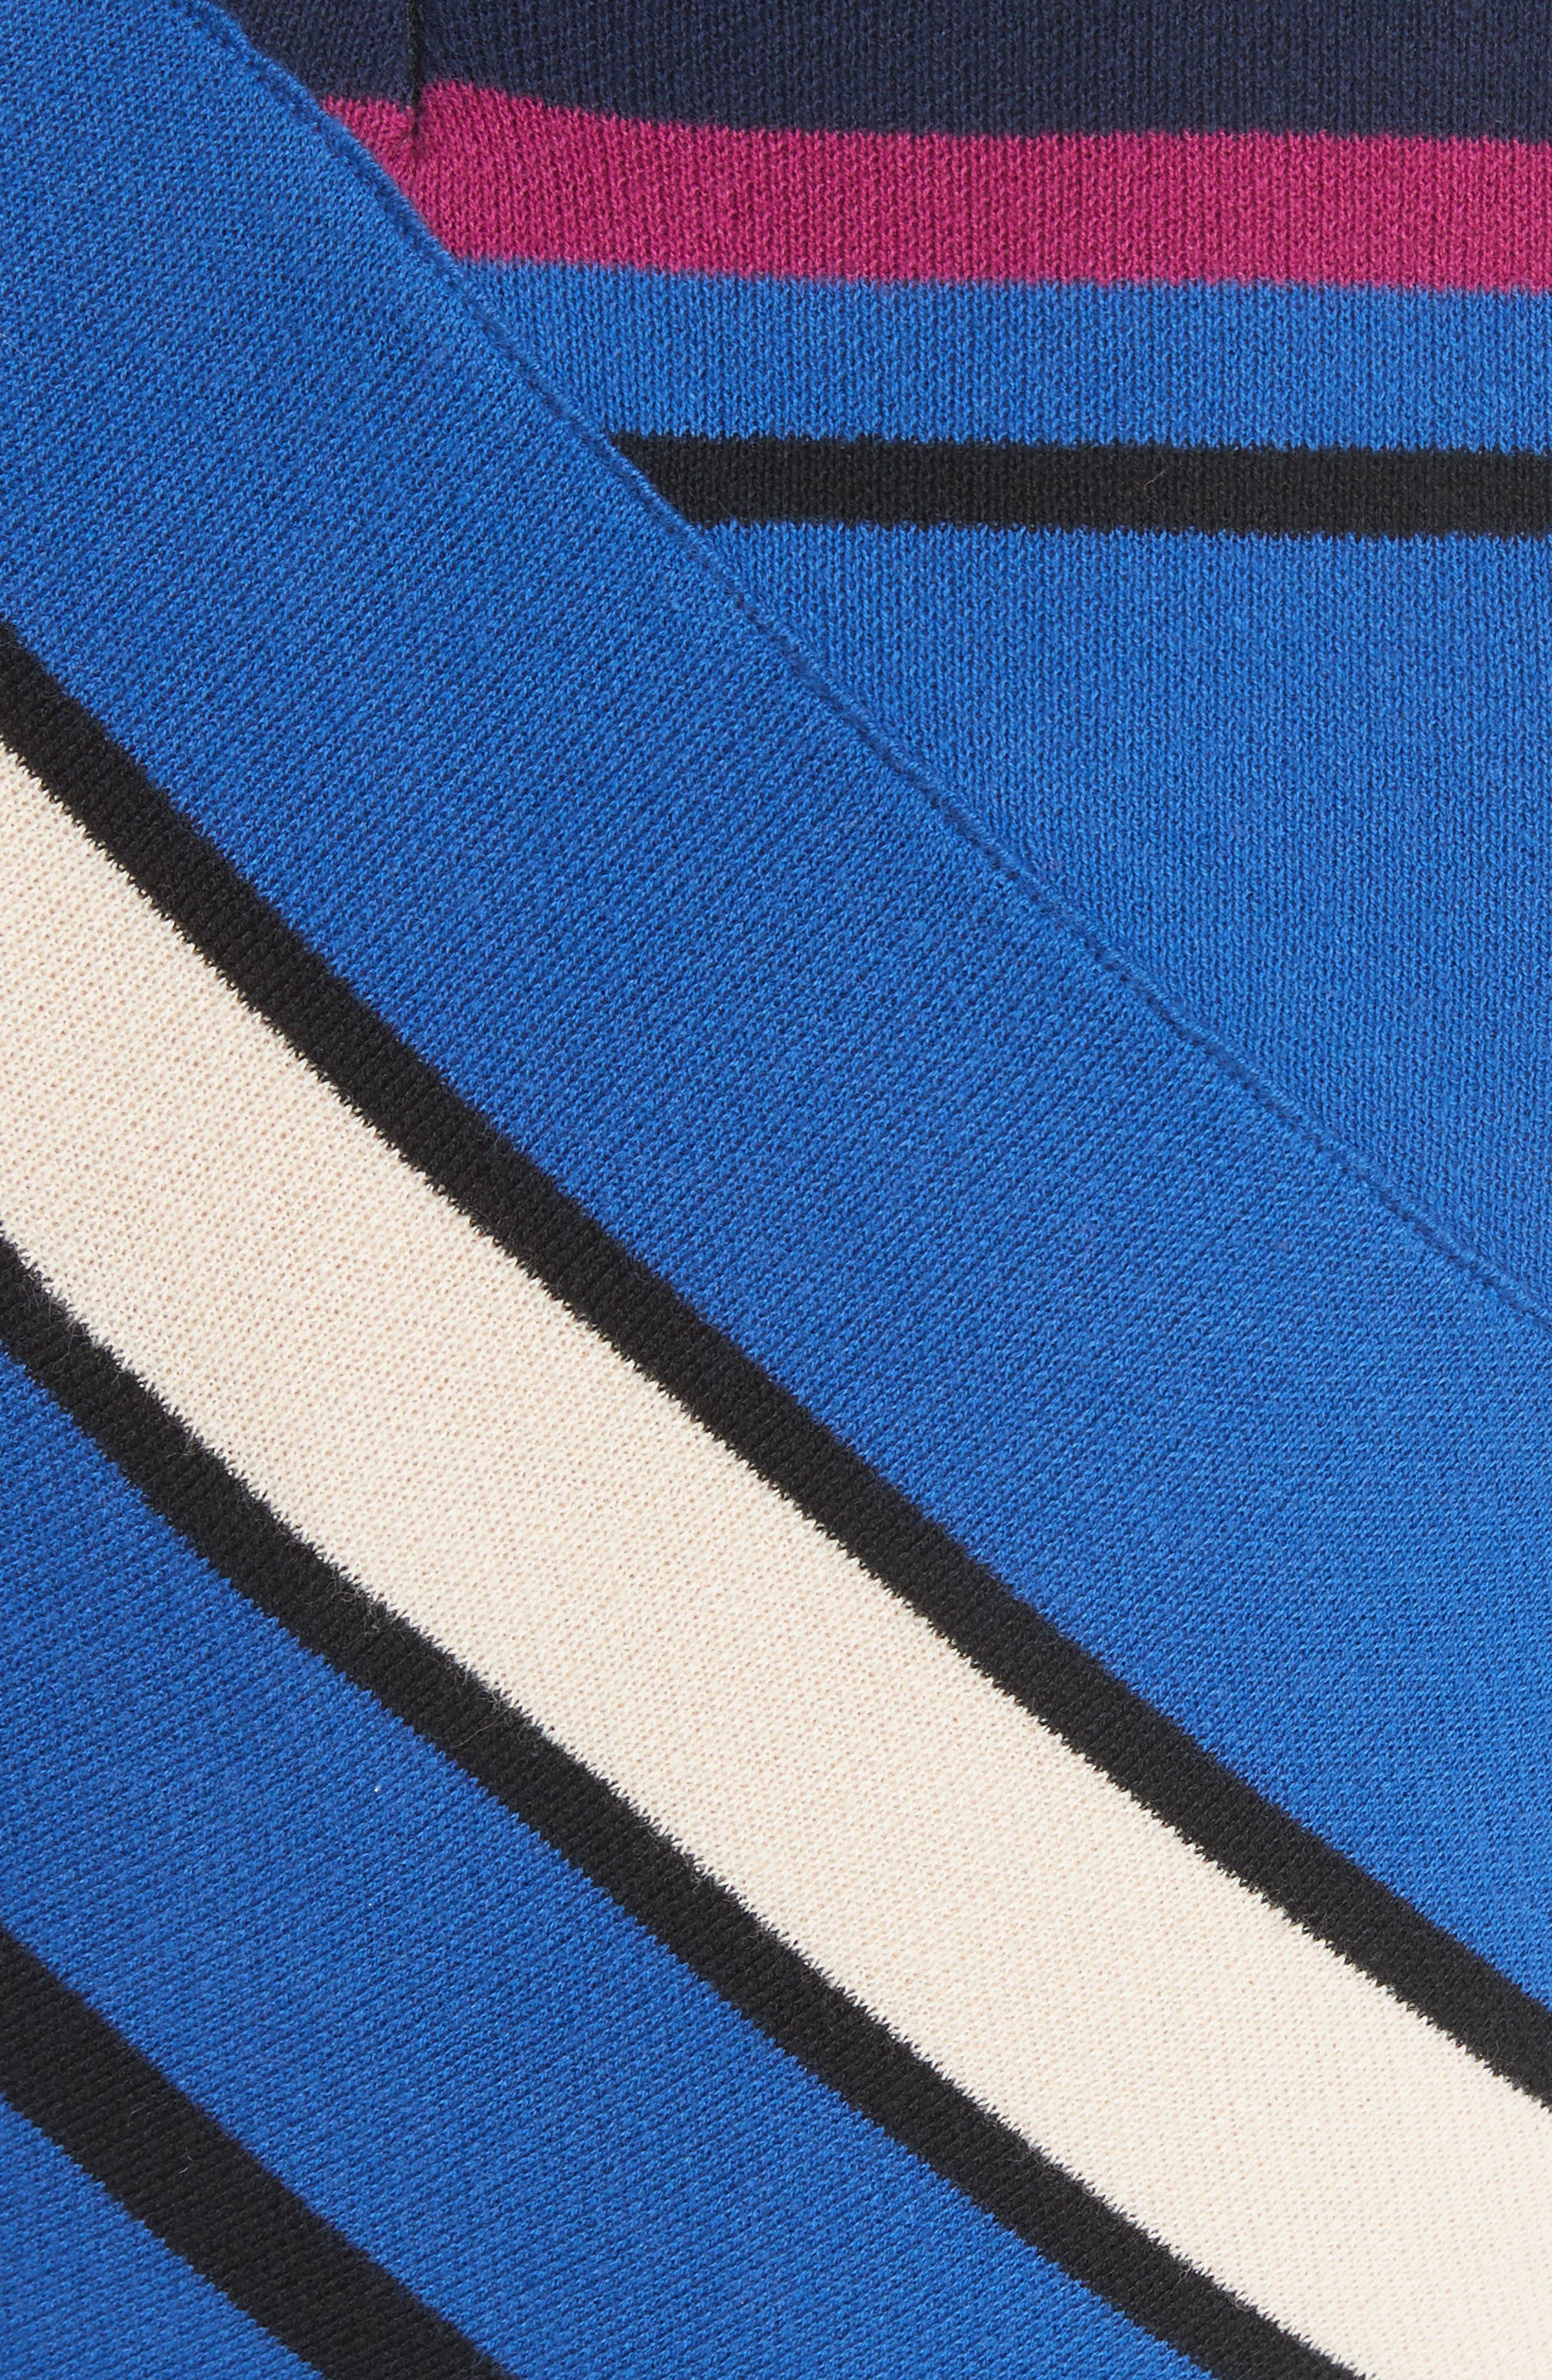 Stripe Crop Cotton Top,                             Alternate thumbnail 5, color,                             498